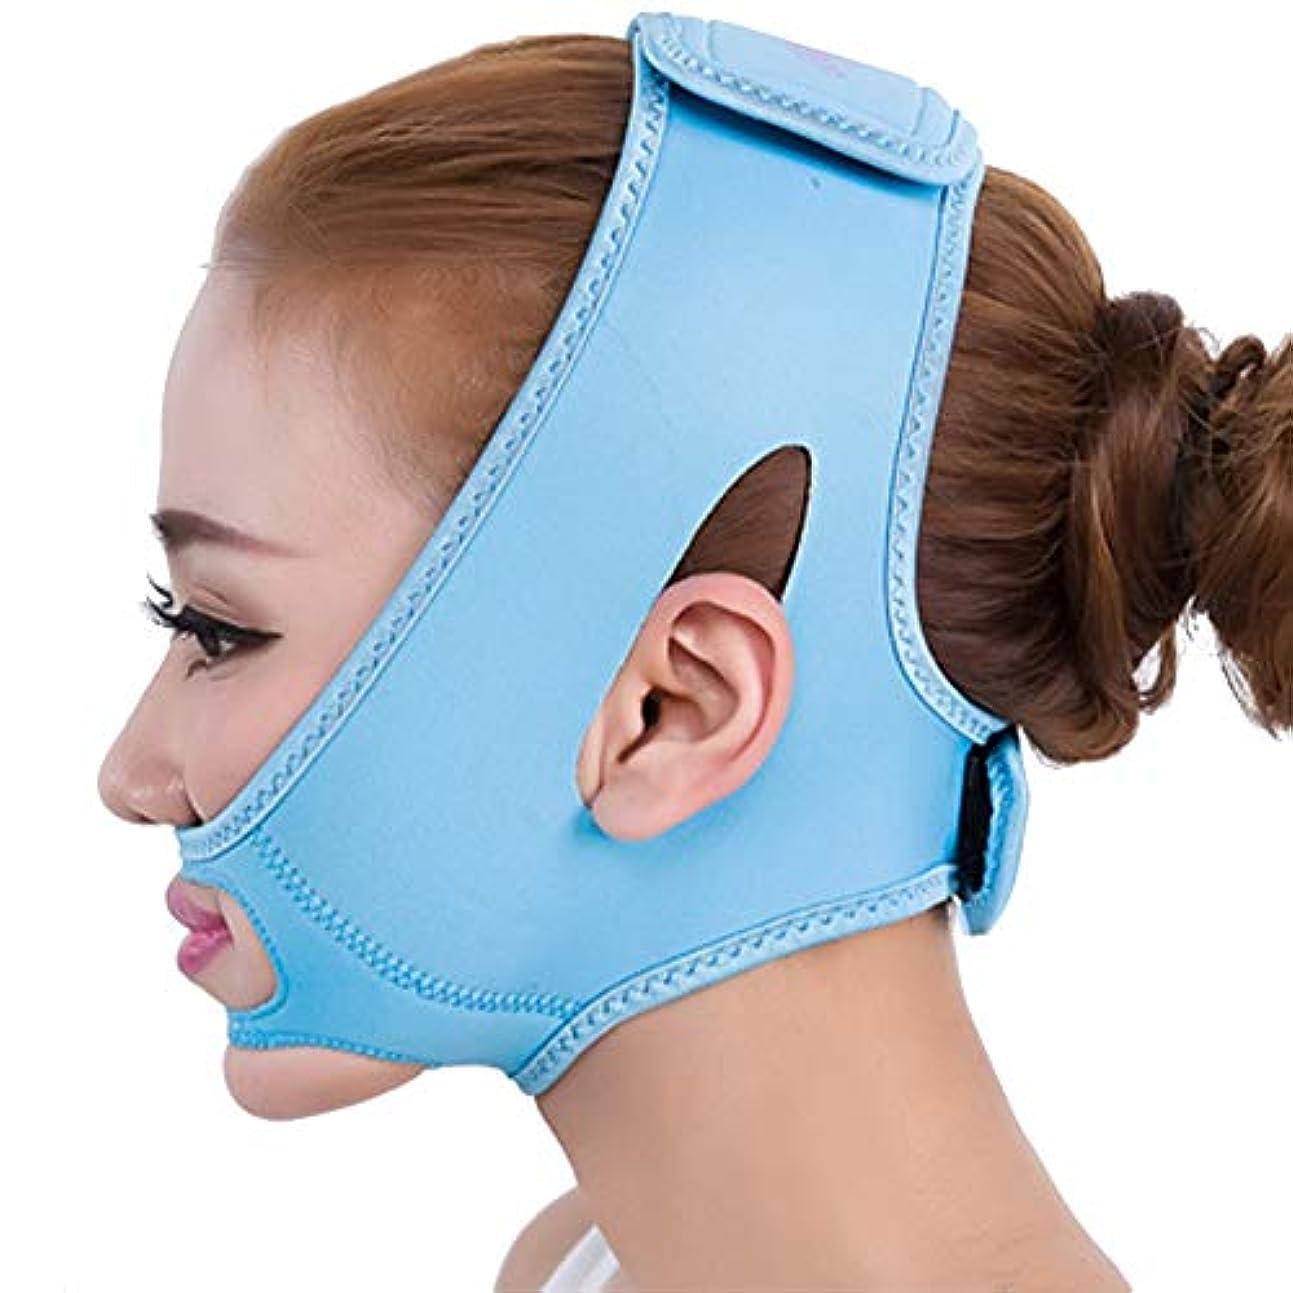 勤勉前兆スイッチフェイスリフトバンデージ、スリミングチークマスク、フェイシャルバンデージスリムアンチリンクルマスクフェイスバンドリフティングダブルチンバンデージチンアップパッチVフェイスラインベルトストラップフェイススリムマスク